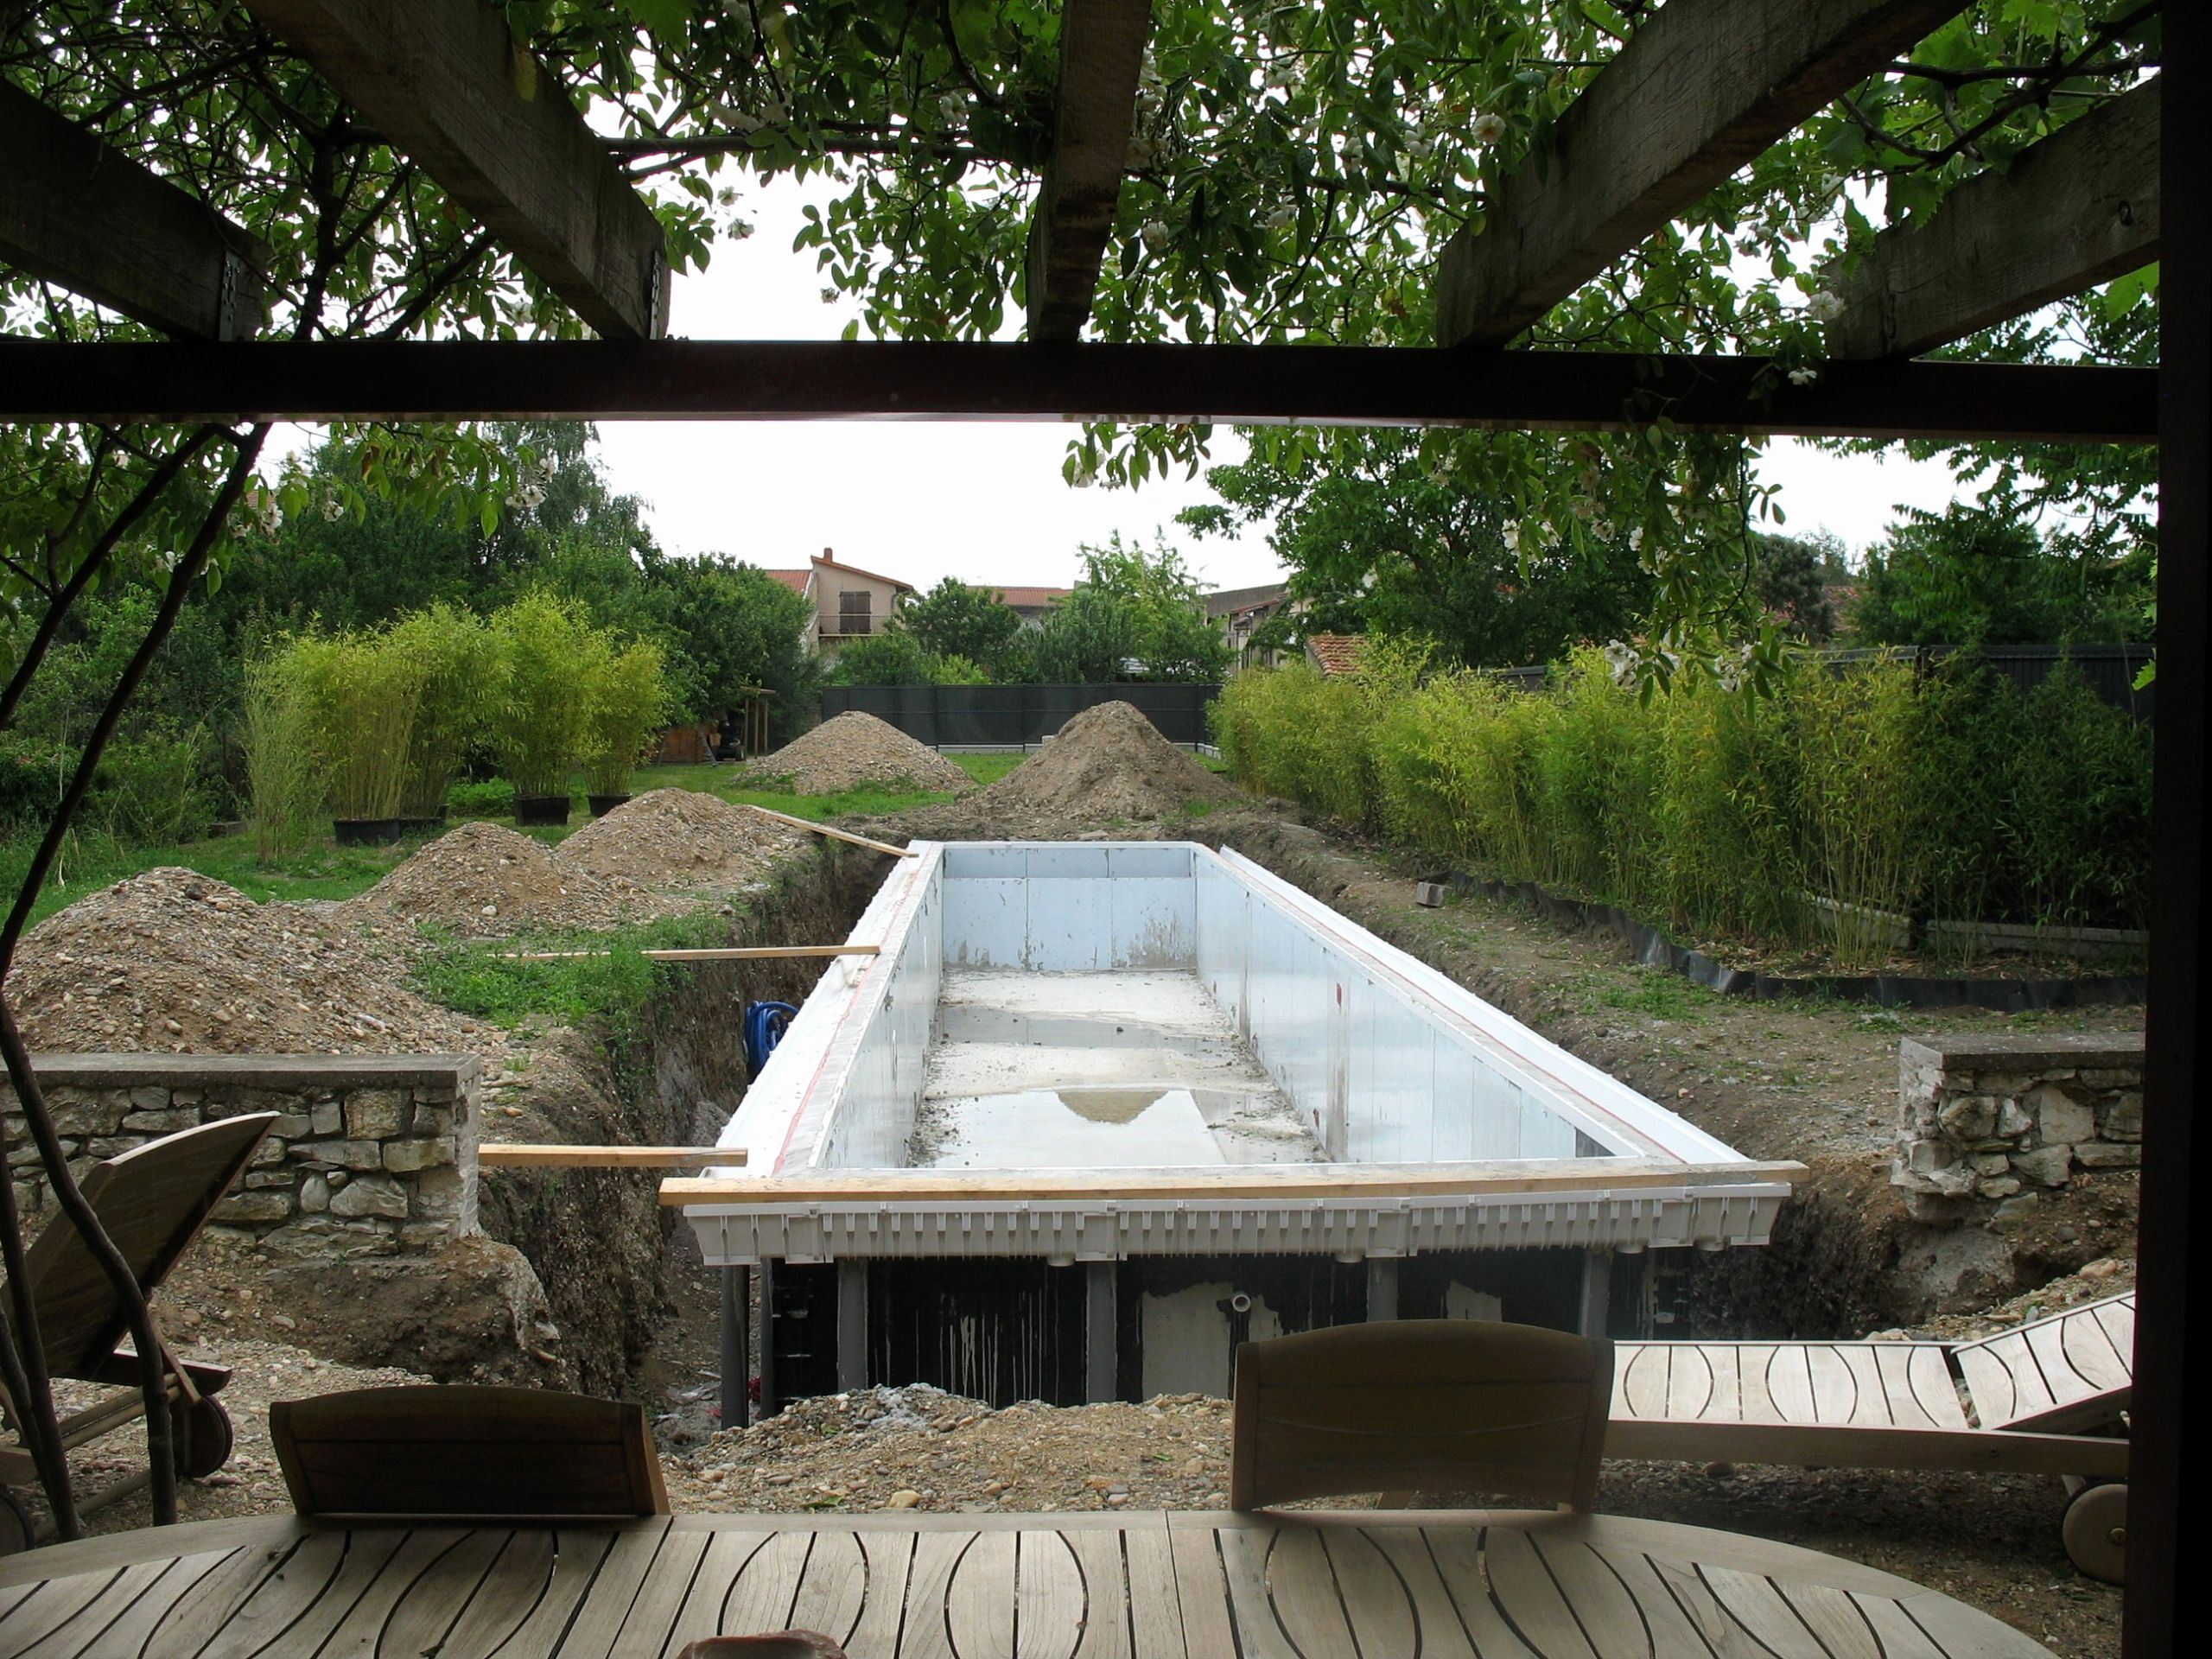 40 Best Of Amenagement Jardin Exterieur | Salon Jardin pour Architecte Exterieur Jardin